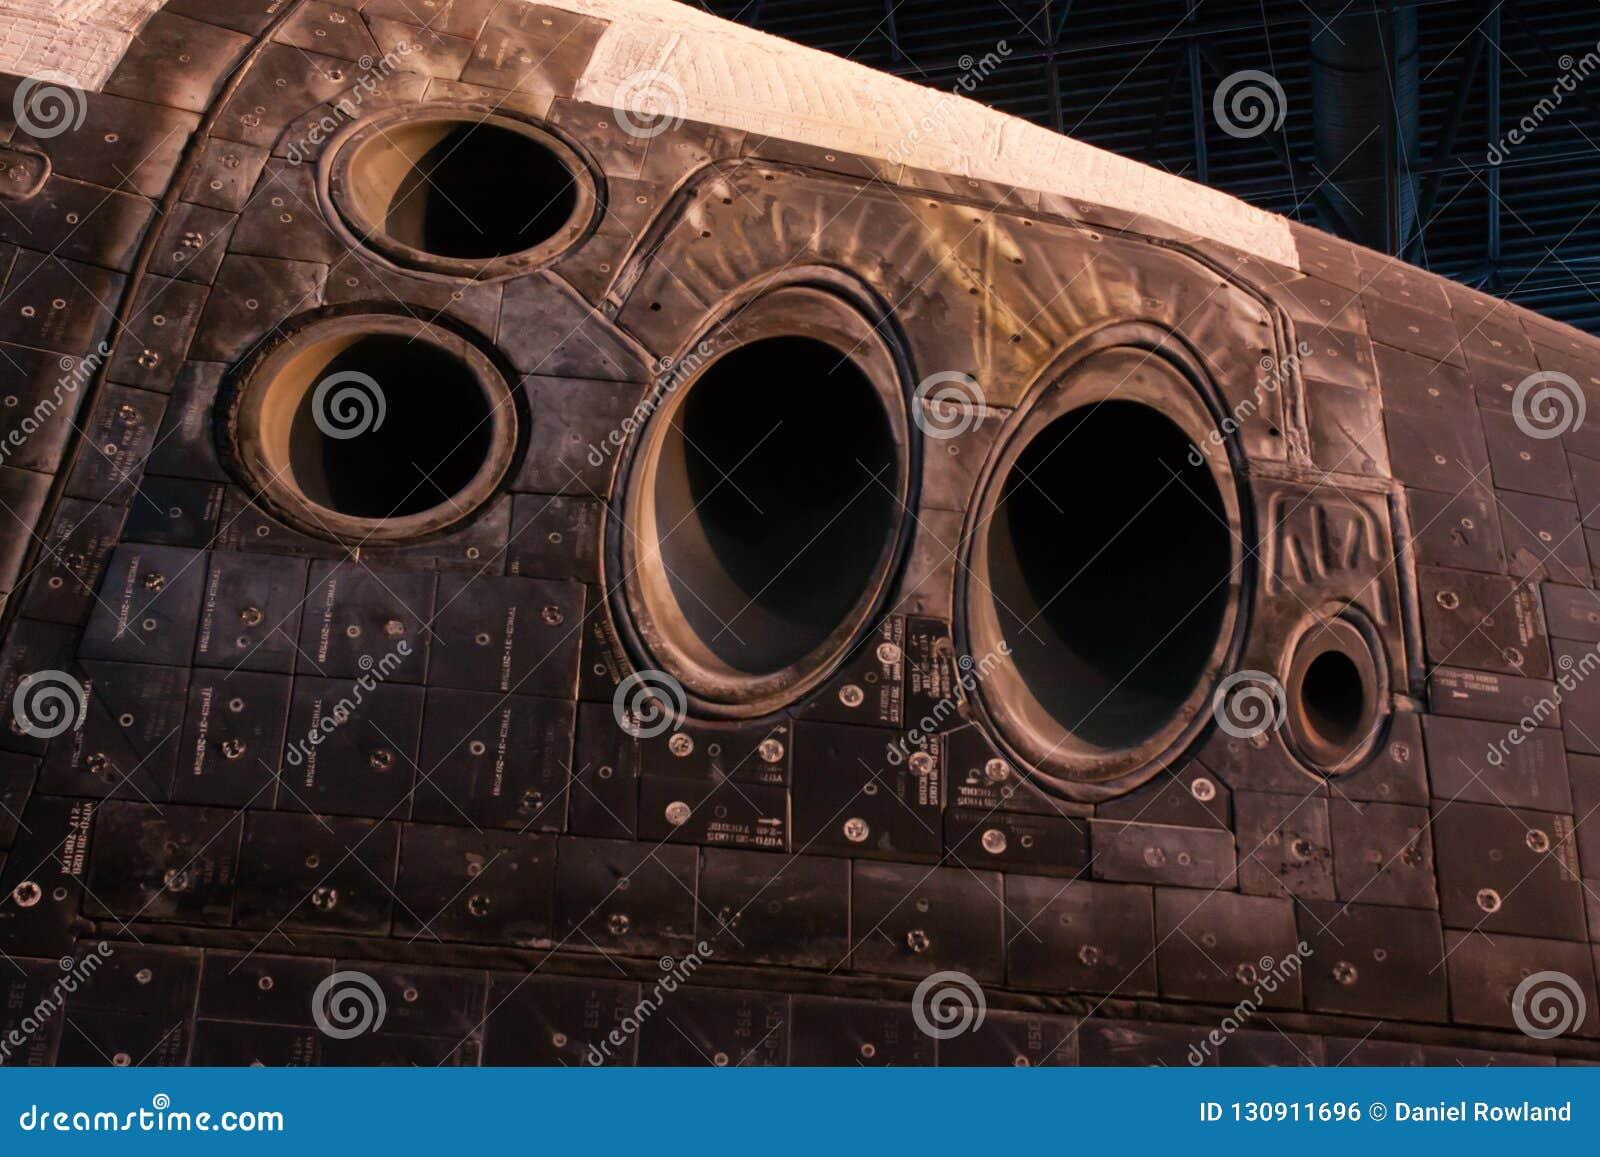 Тепловая защита космического летательного аппарата многоразового использования